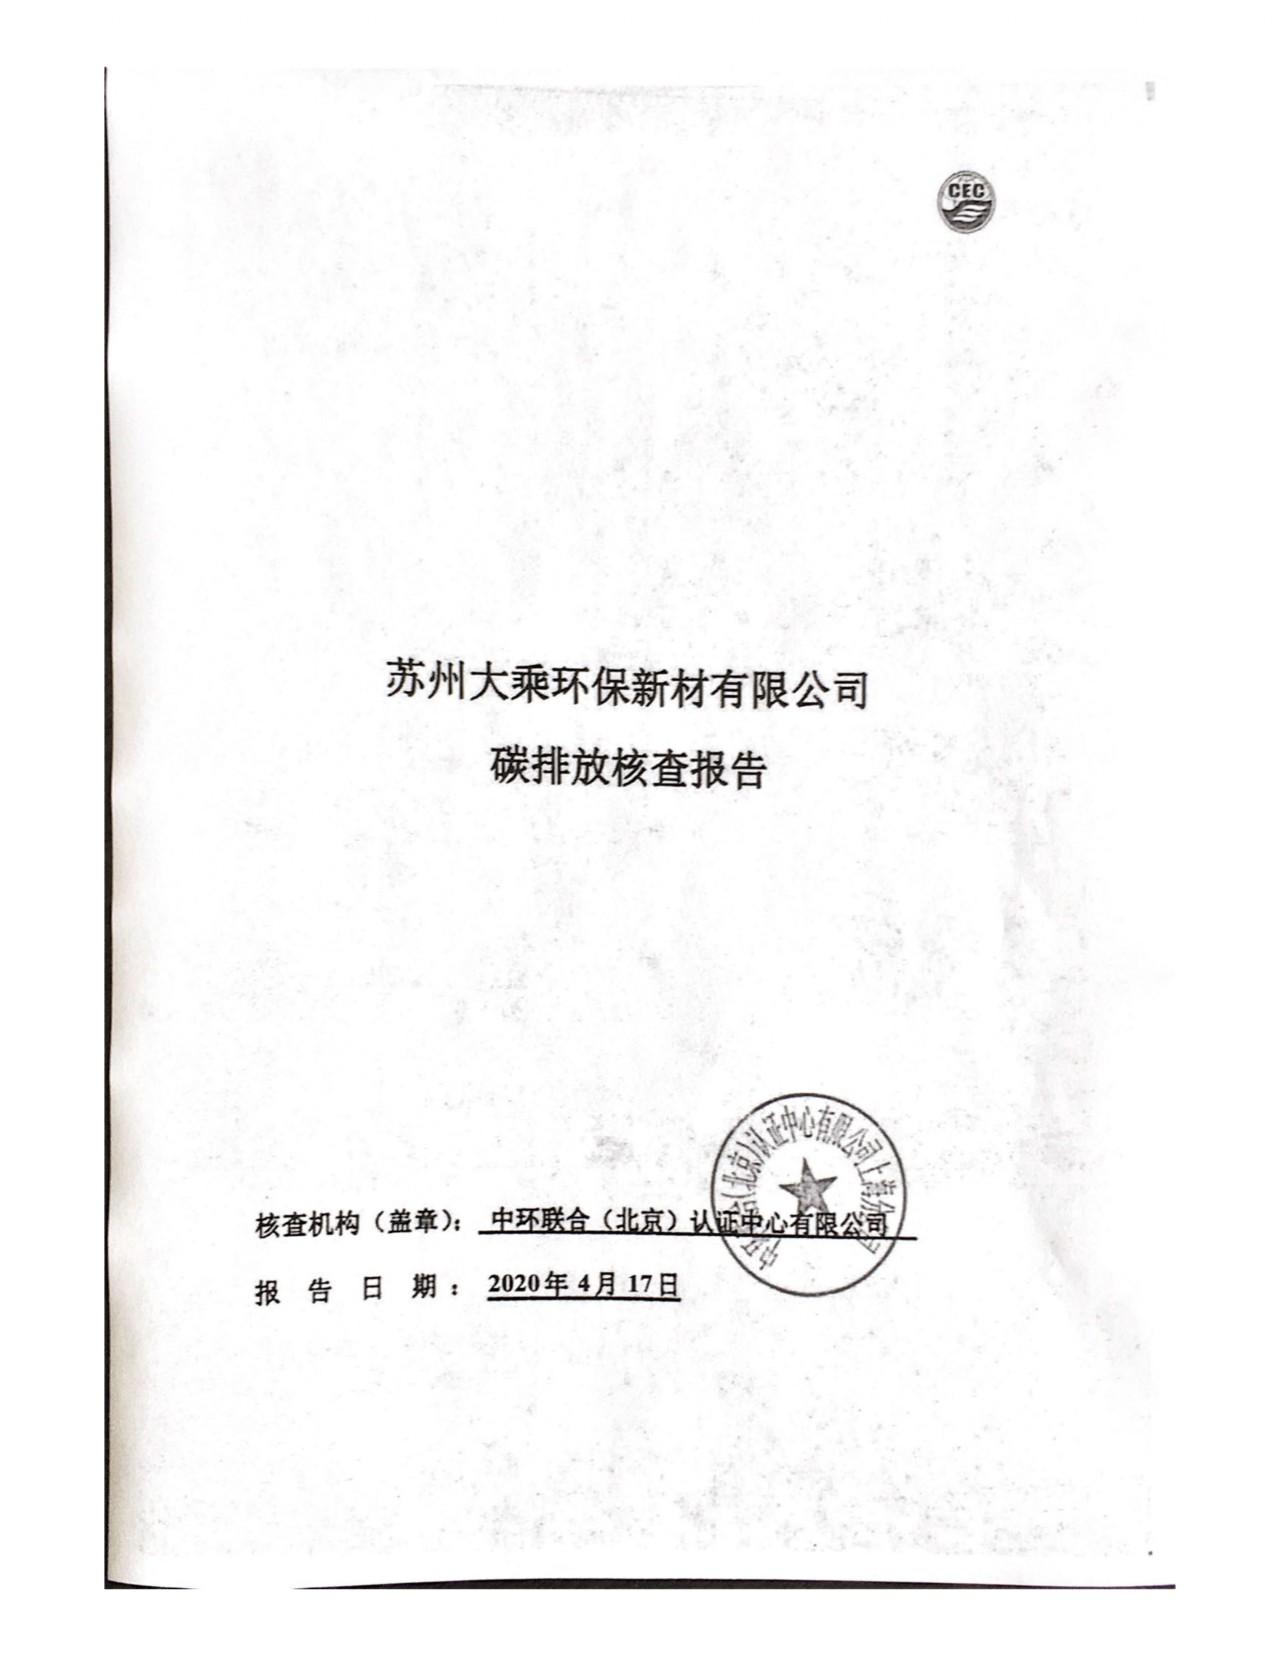 碳排放核查报告_页面_1.jpg